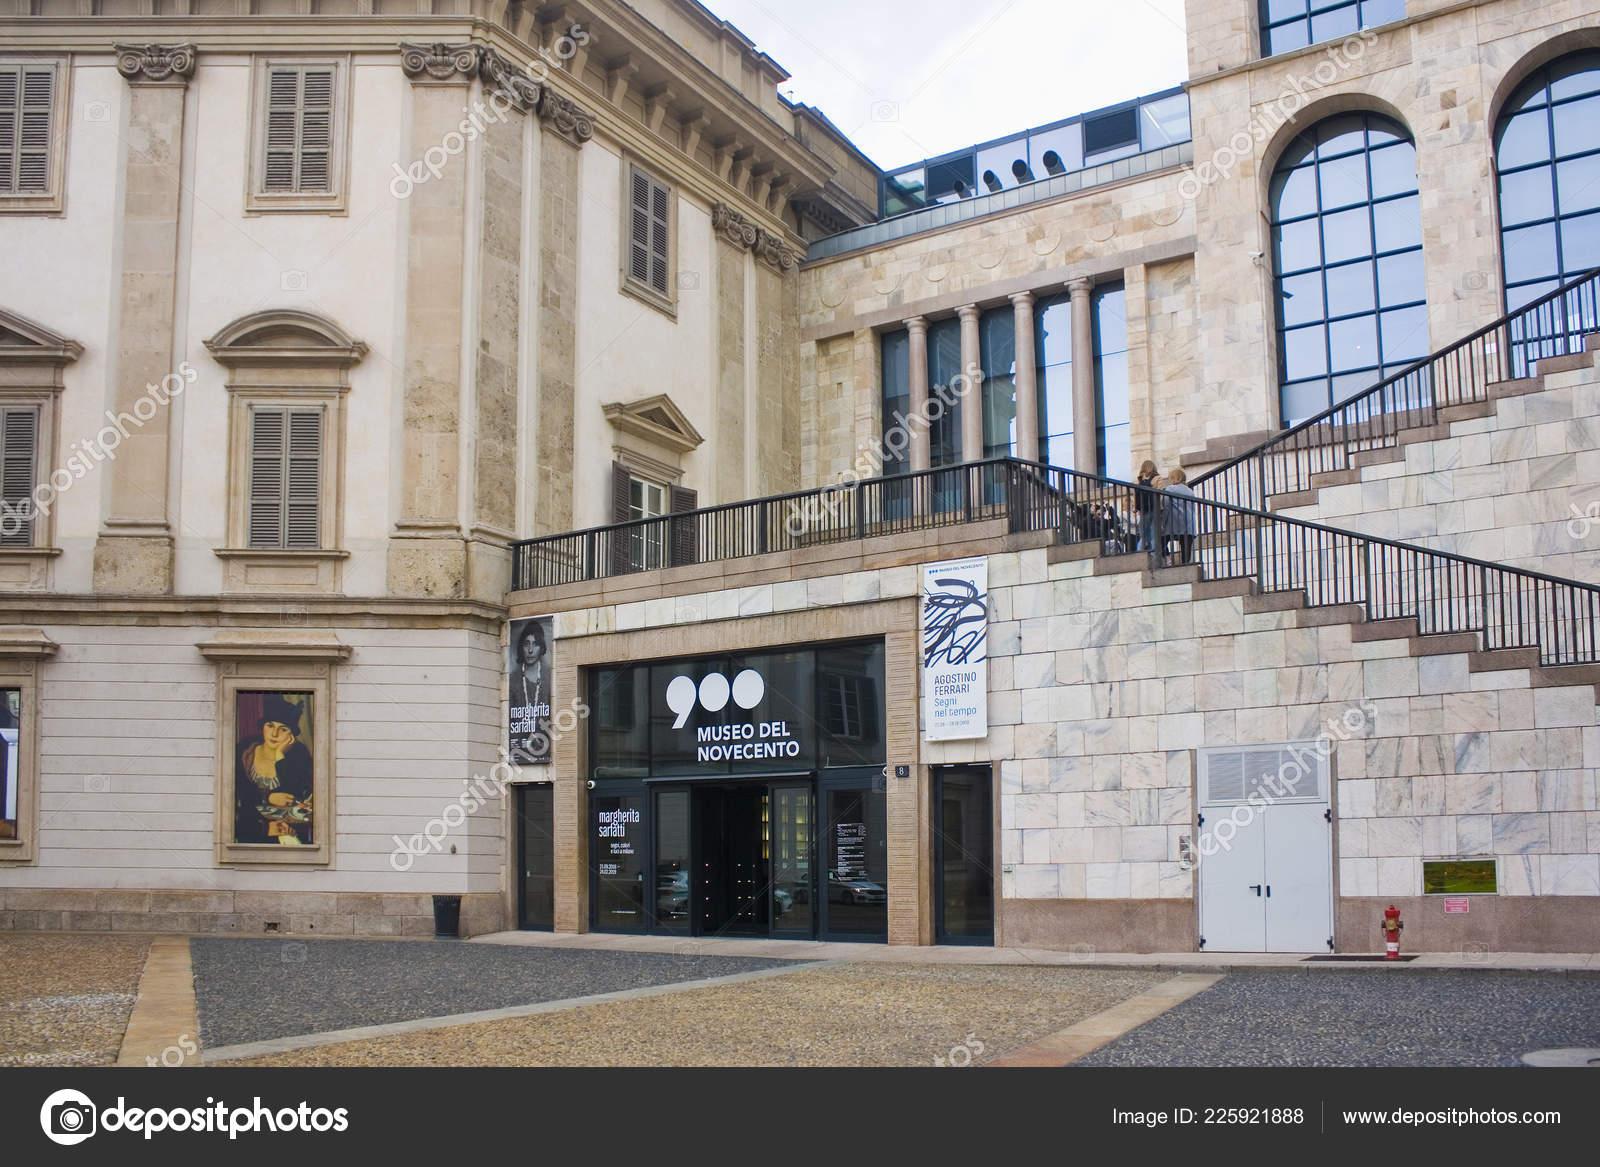 Museo Del 900 Milano.Italy Milan November 2018 Museum Twentieth Century Museo Del